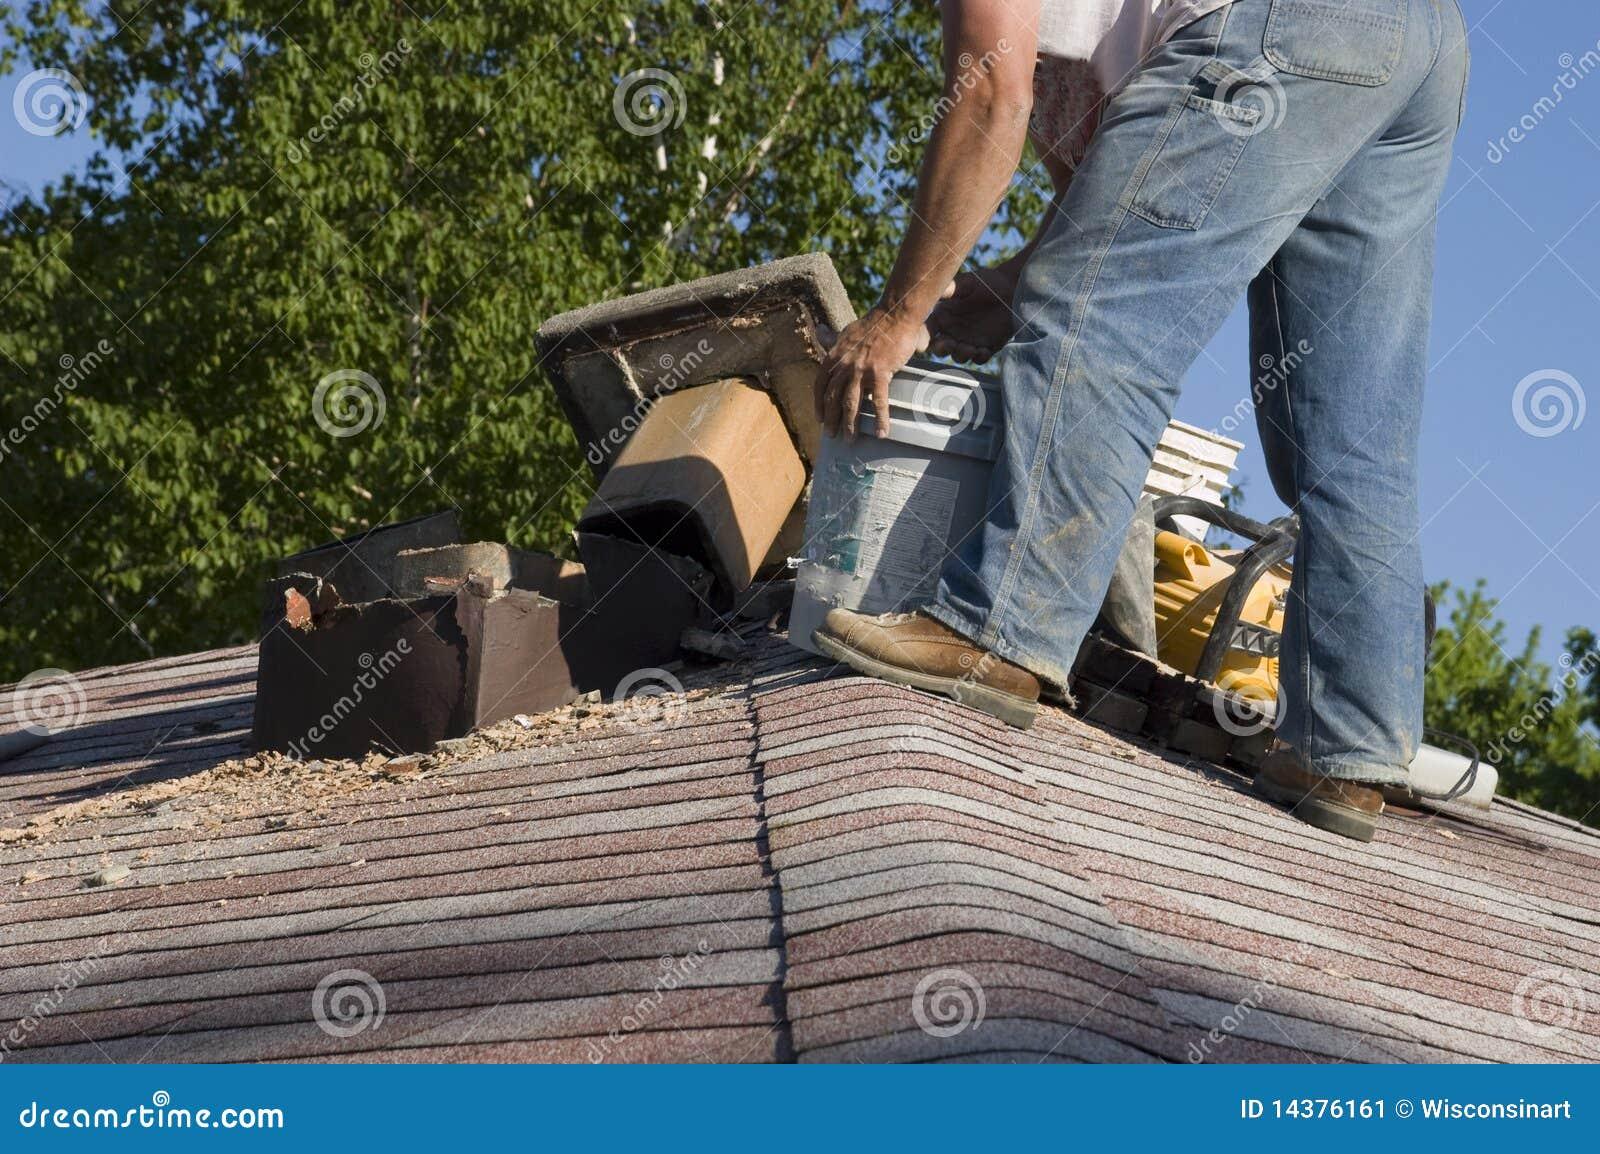 крыша ремонта обслуживания дома дома fix печной трубы